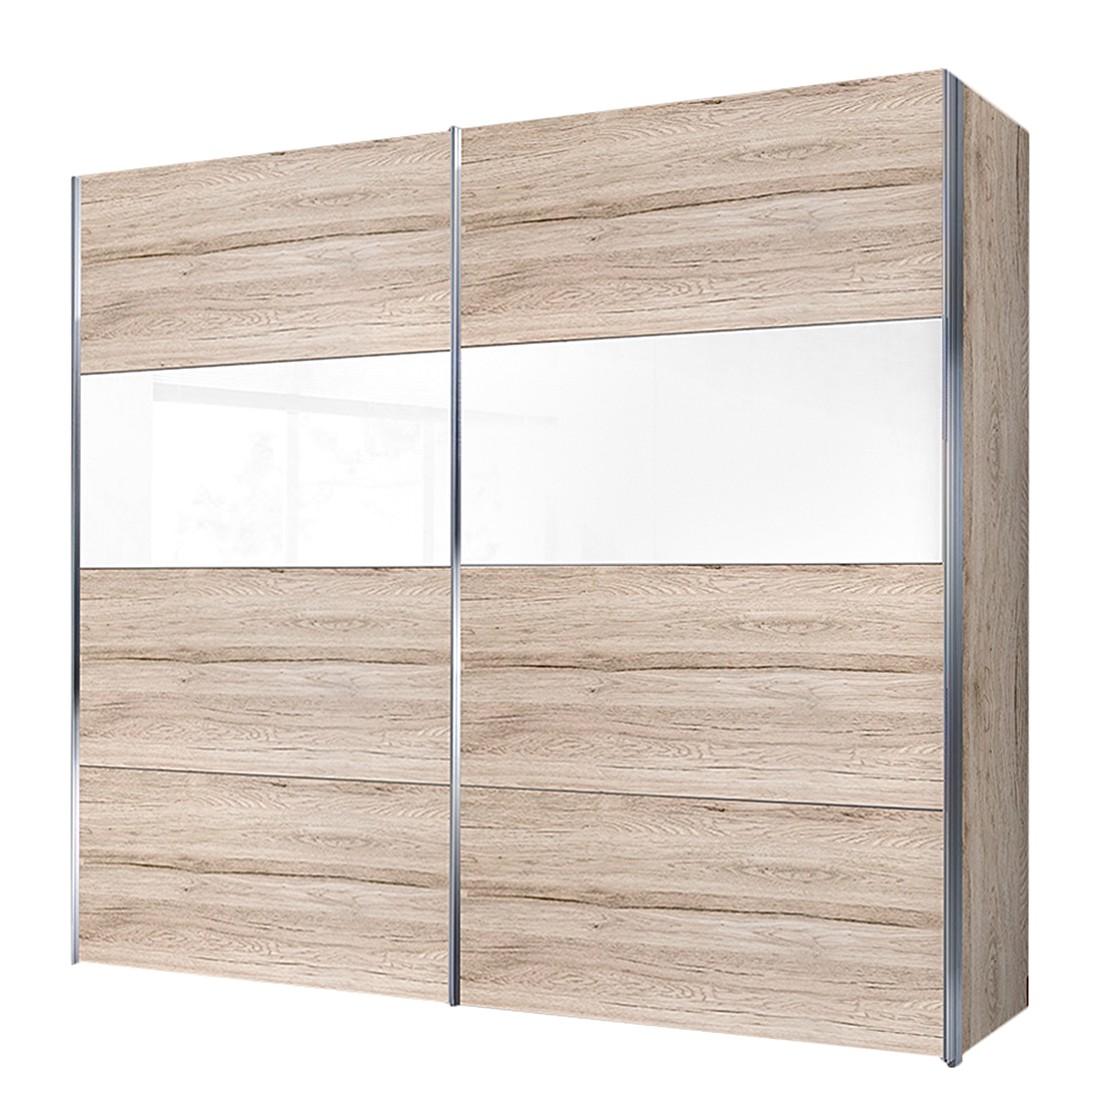 Schwebetürenschrank Louisville – Sanremo Eiche Dekor/Weißlack – BxH: 200 x 216 cm -2-türig, Solutions günstig bestellen